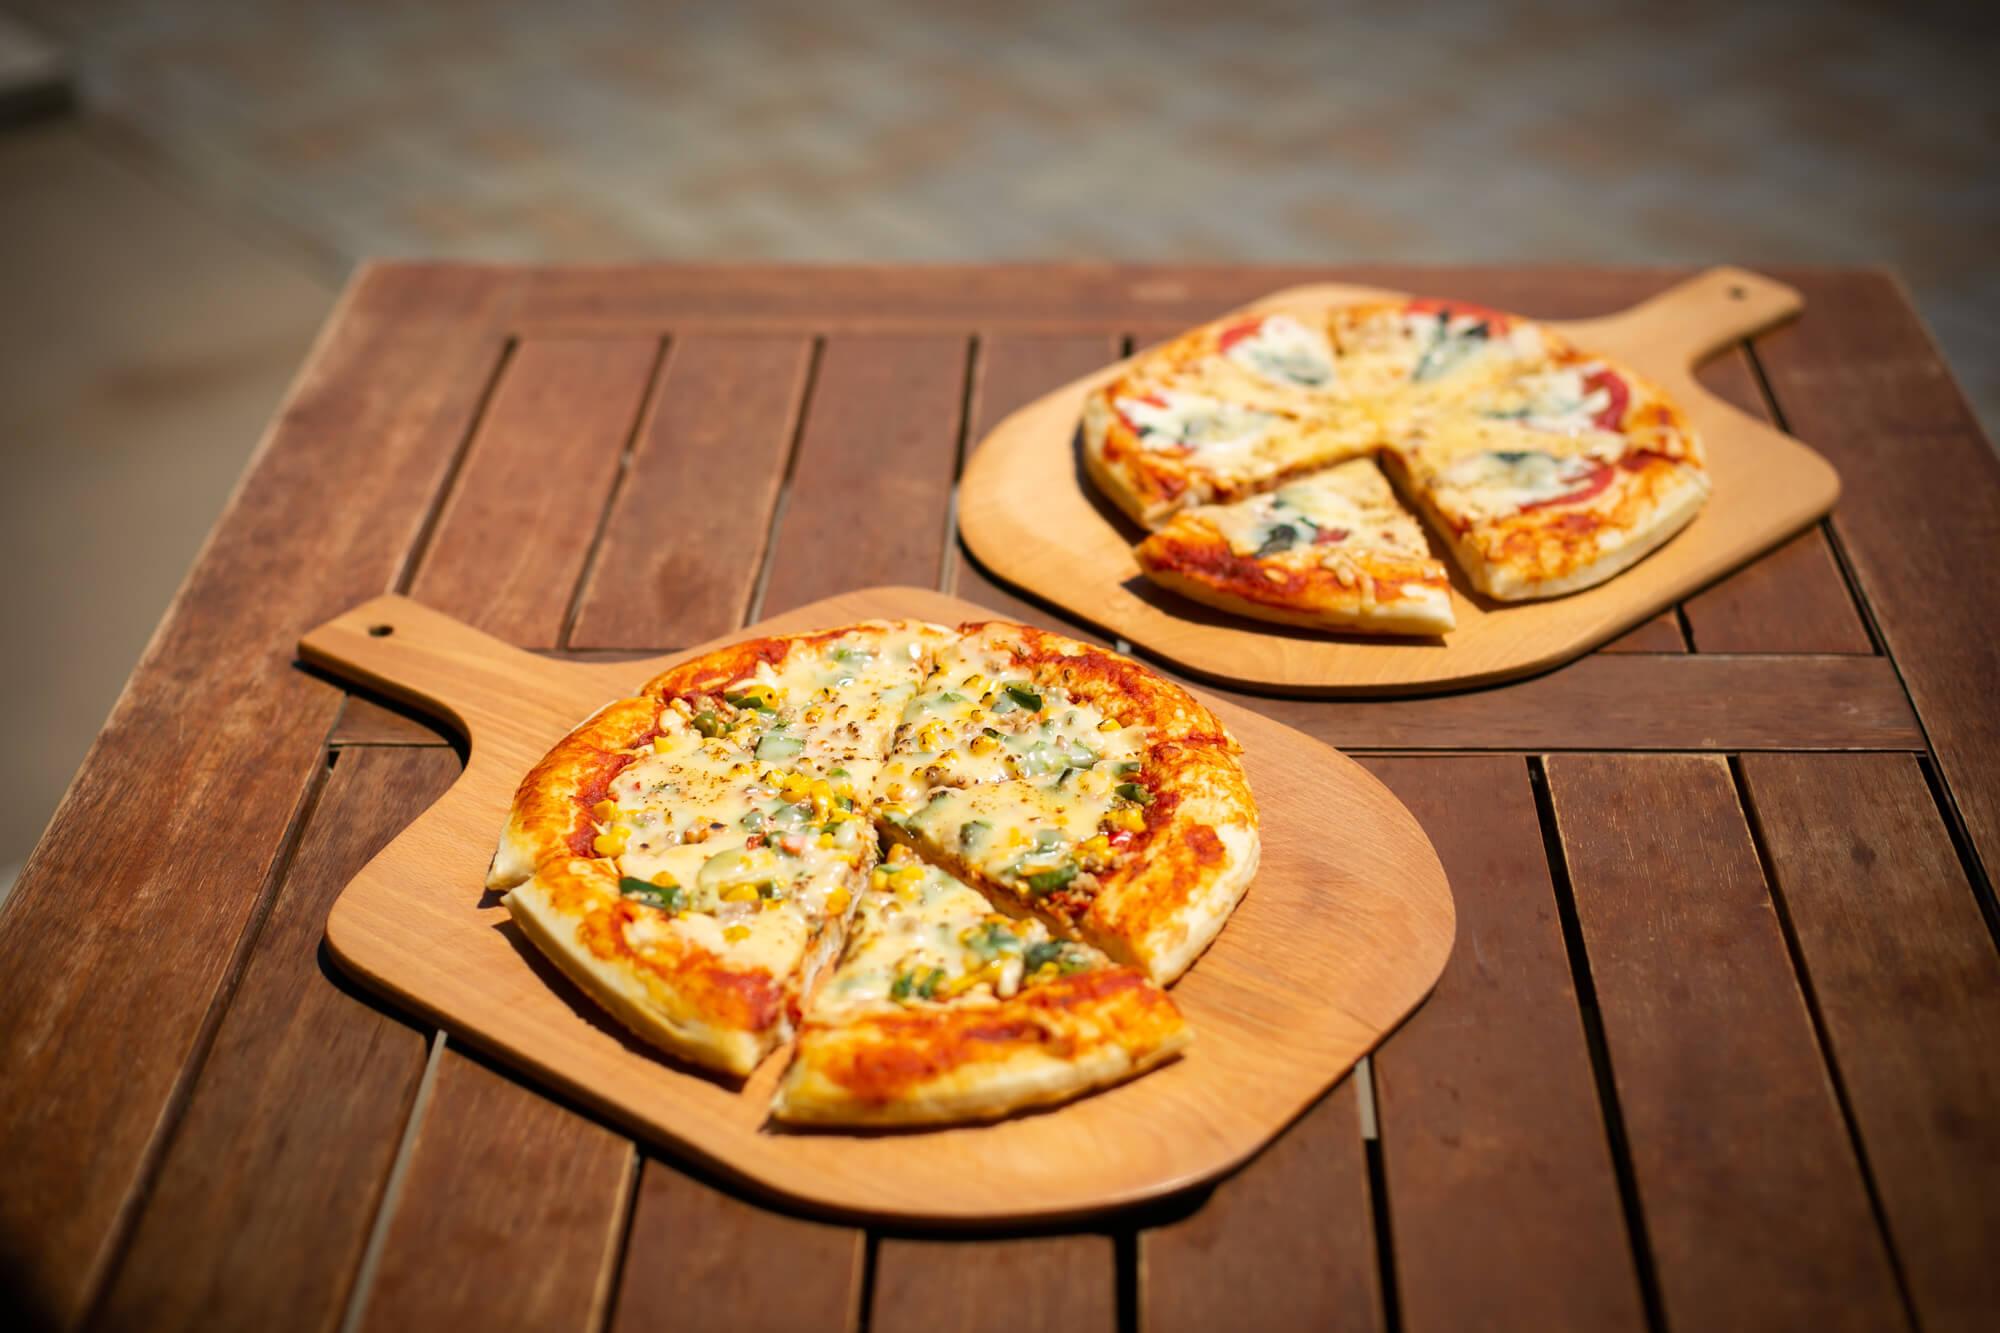 マルゲリータと湧水ポーク&旬野菜のピザも販売中です。